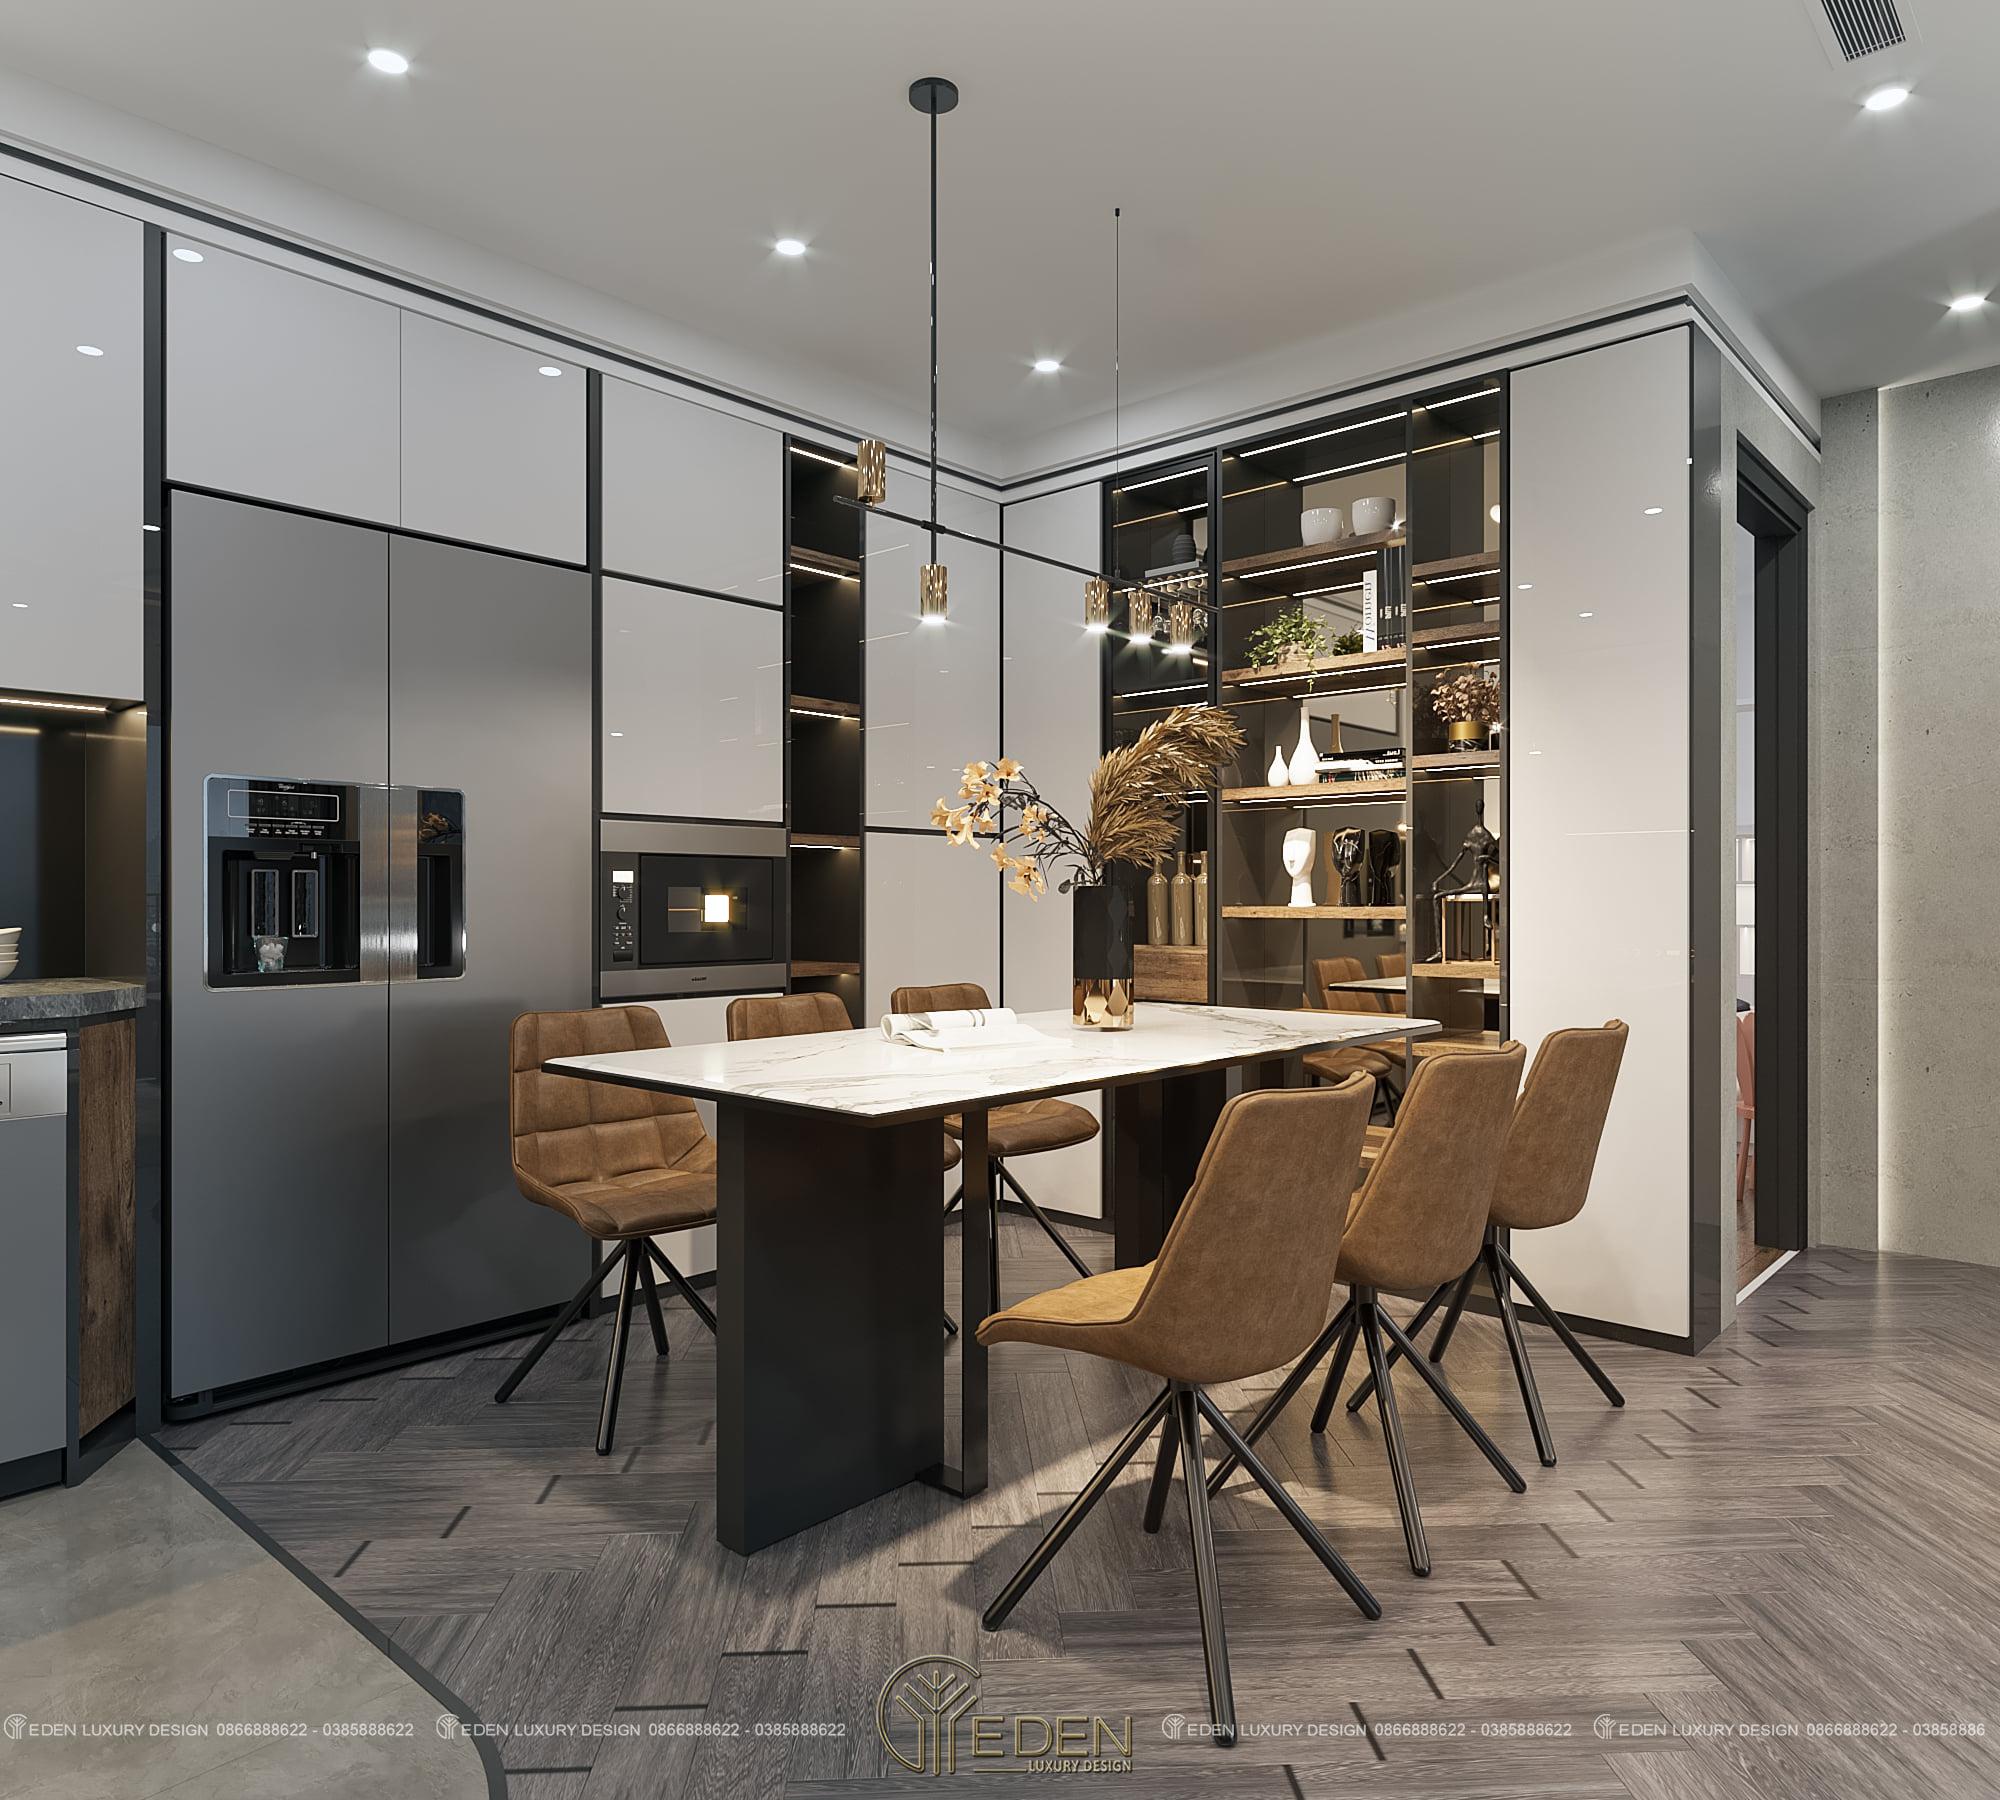 thiết kế nội thất phòng bếp chung cư luxury